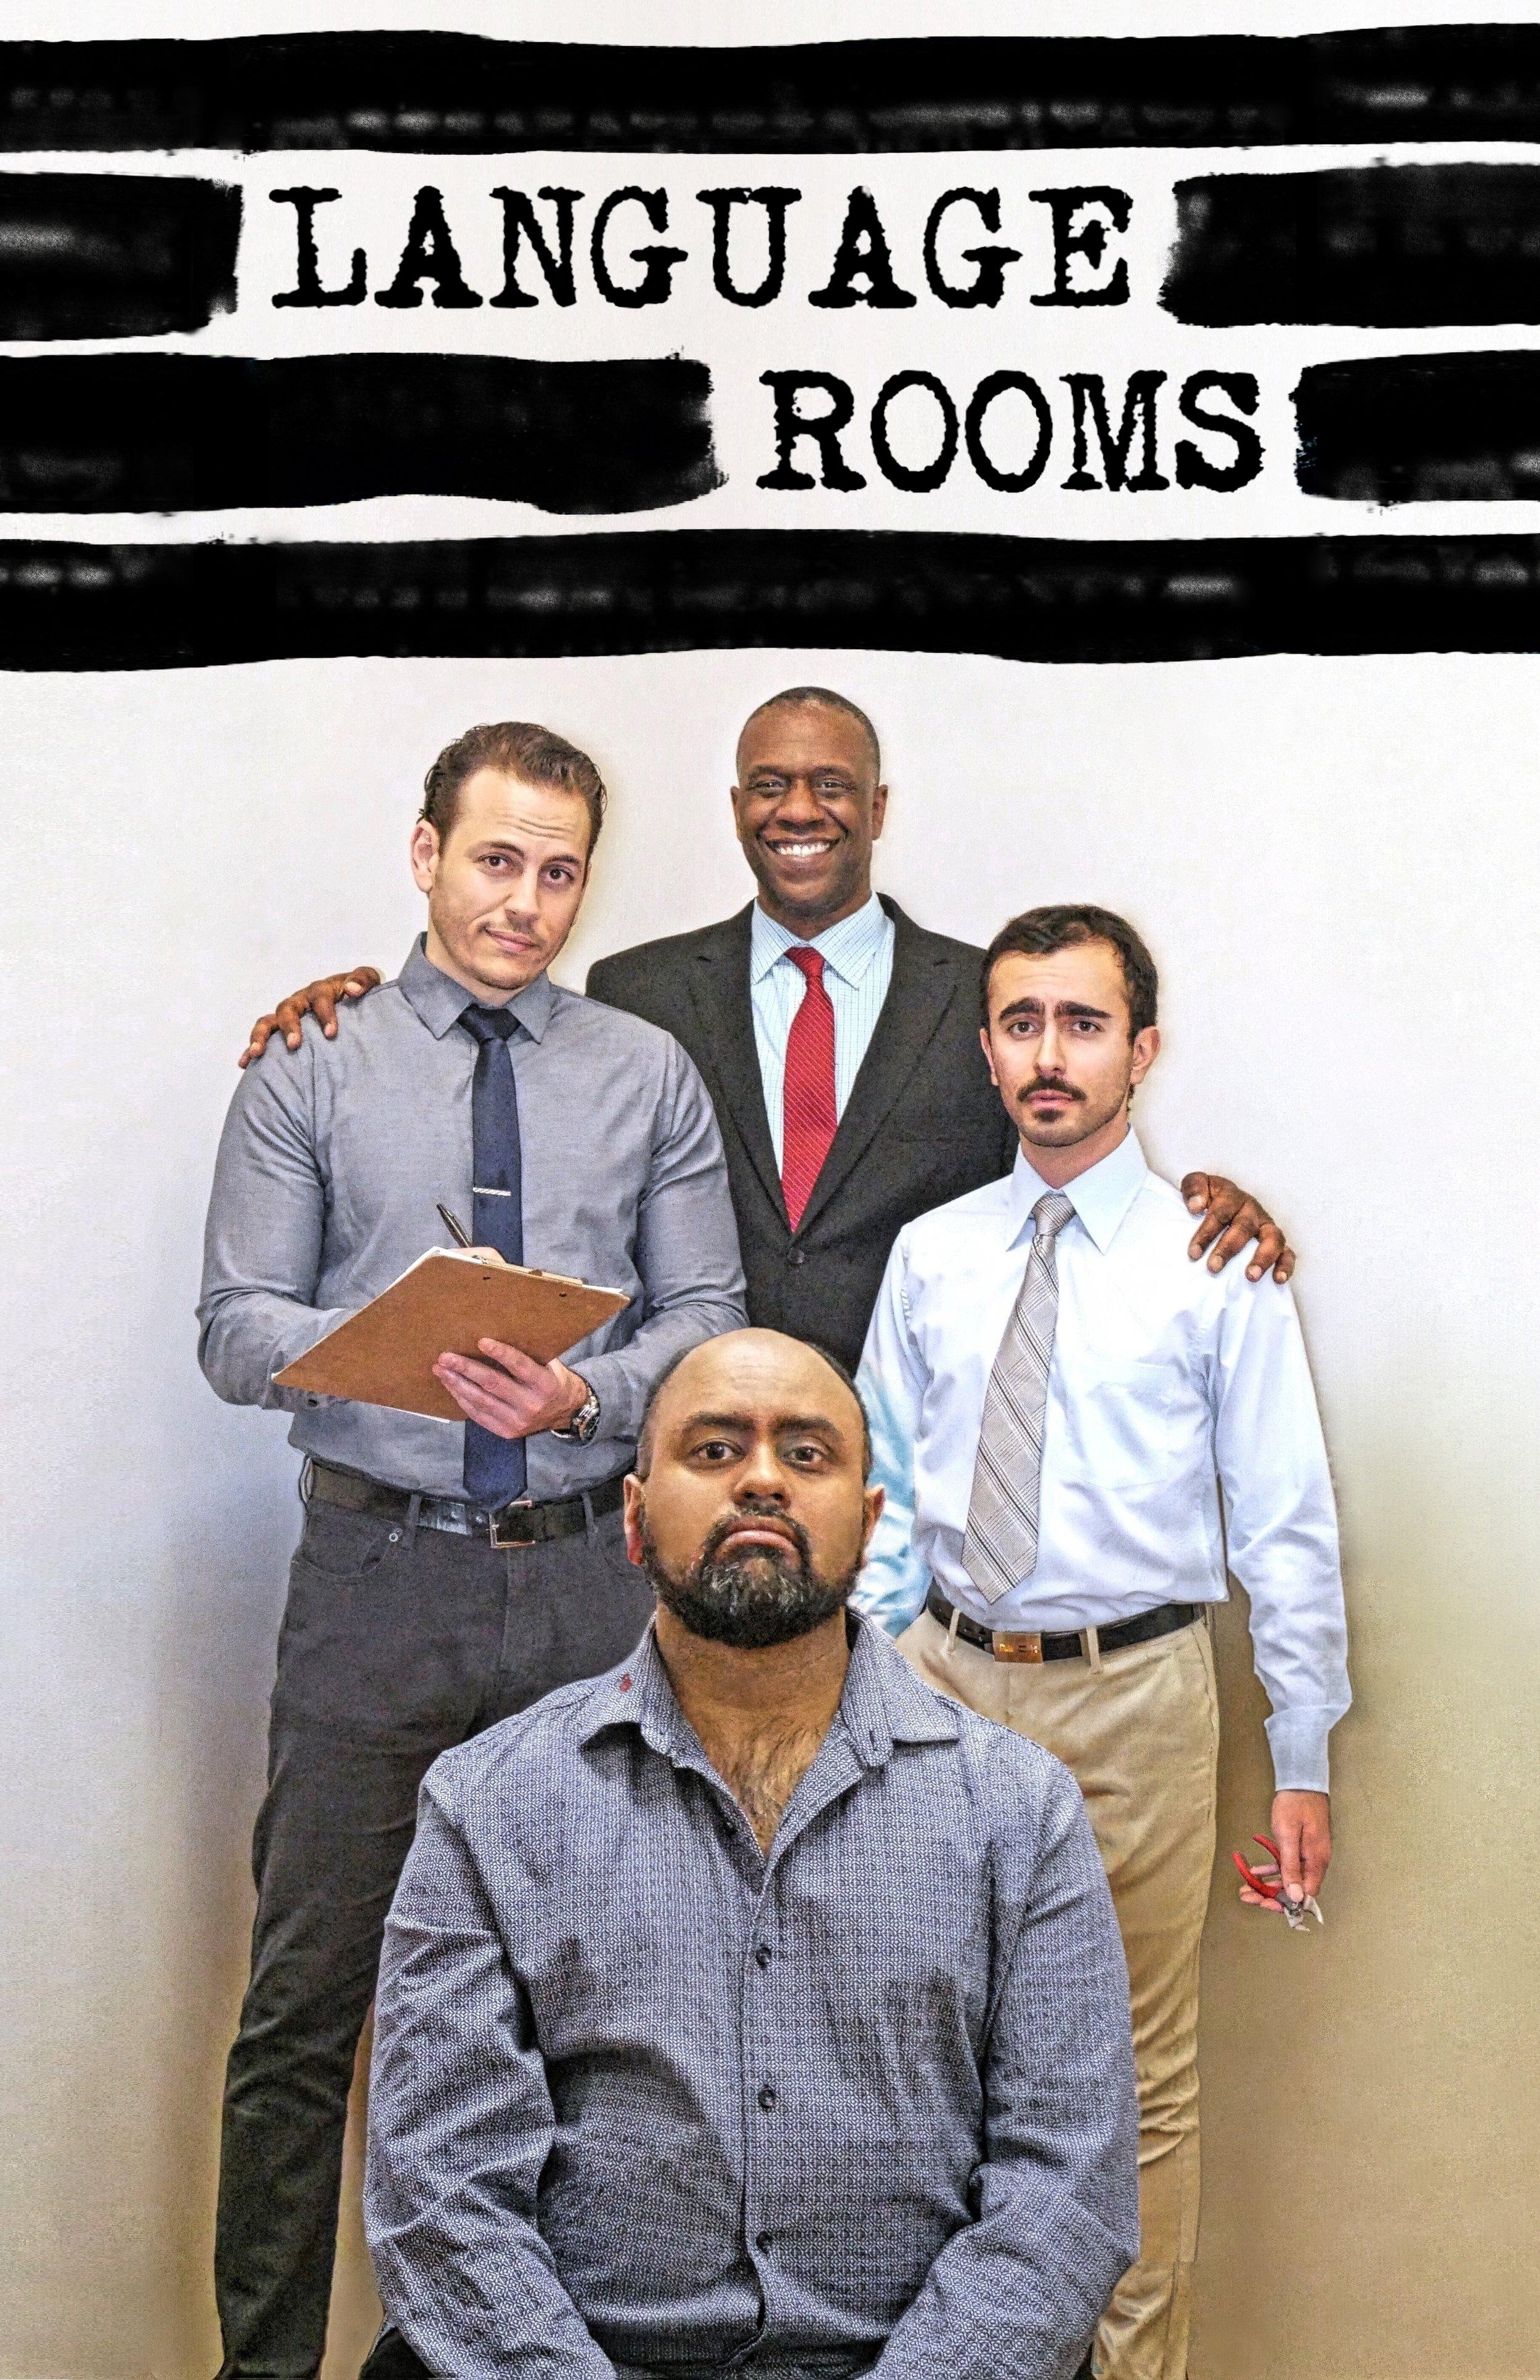 Language Rooms Poster Image4g.jpg